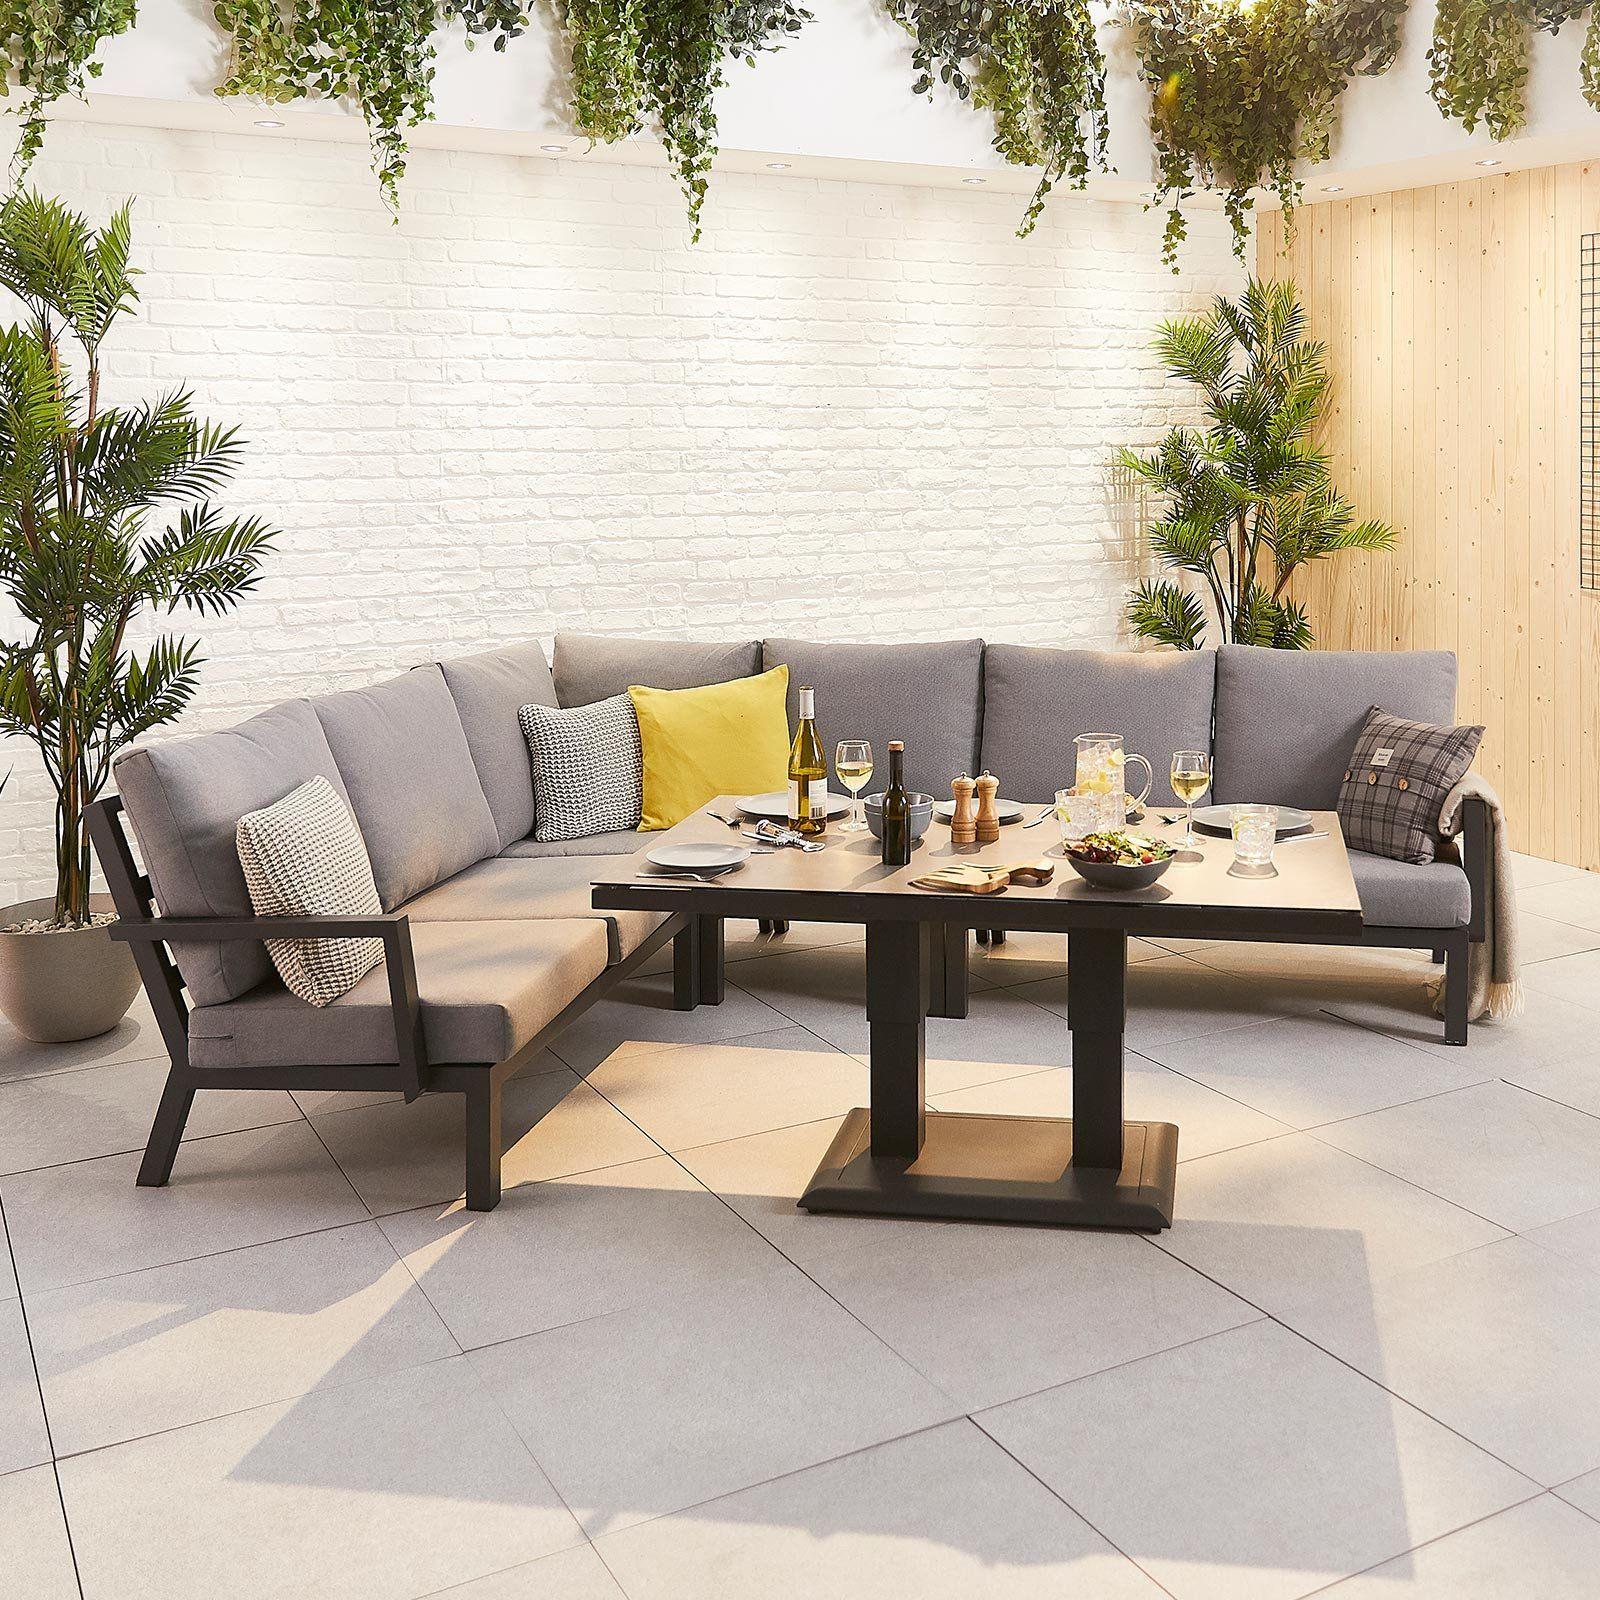 Vogue Aluminium Casual Dining Corner Sofa Set With Rising Table Aluminium Garden Furniture Corner Dining Set Corner Sofa Set [ 1600 x 1600 Pixel ]